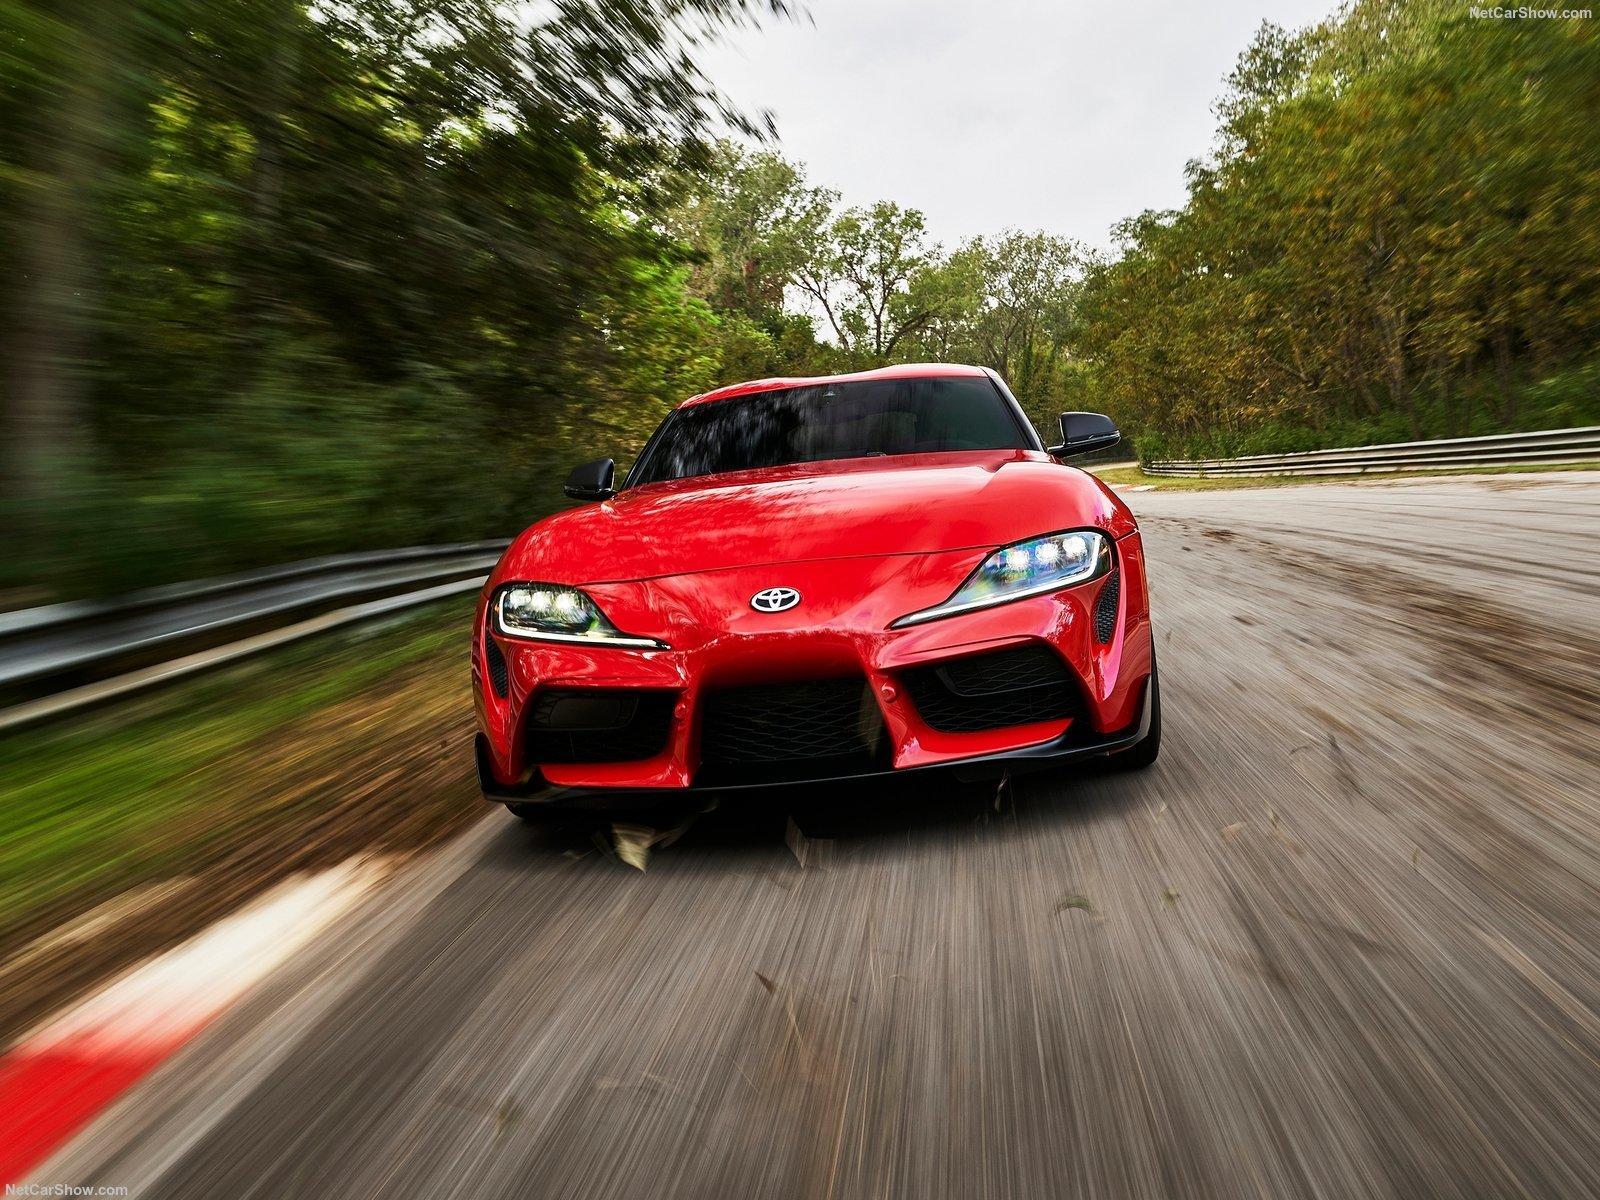 El Toyota GR Supra Se Venderá En España Desde 69.900 Euros